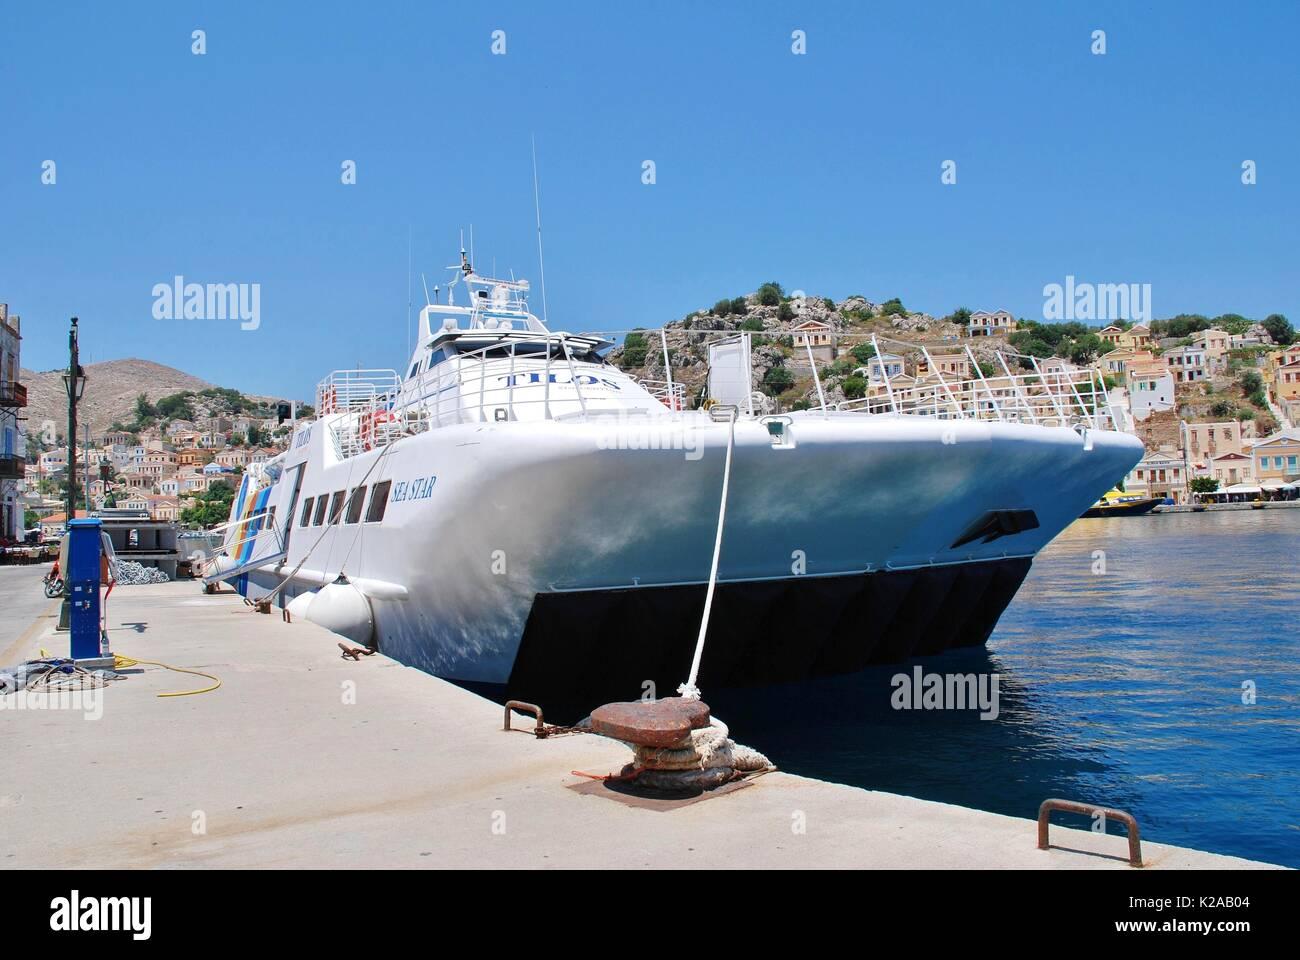 High-speed Katamaran Fähre Tilos Sea Star günstig bei Yialos Hafen auf der griechischen Insel Symi, die Stockbild